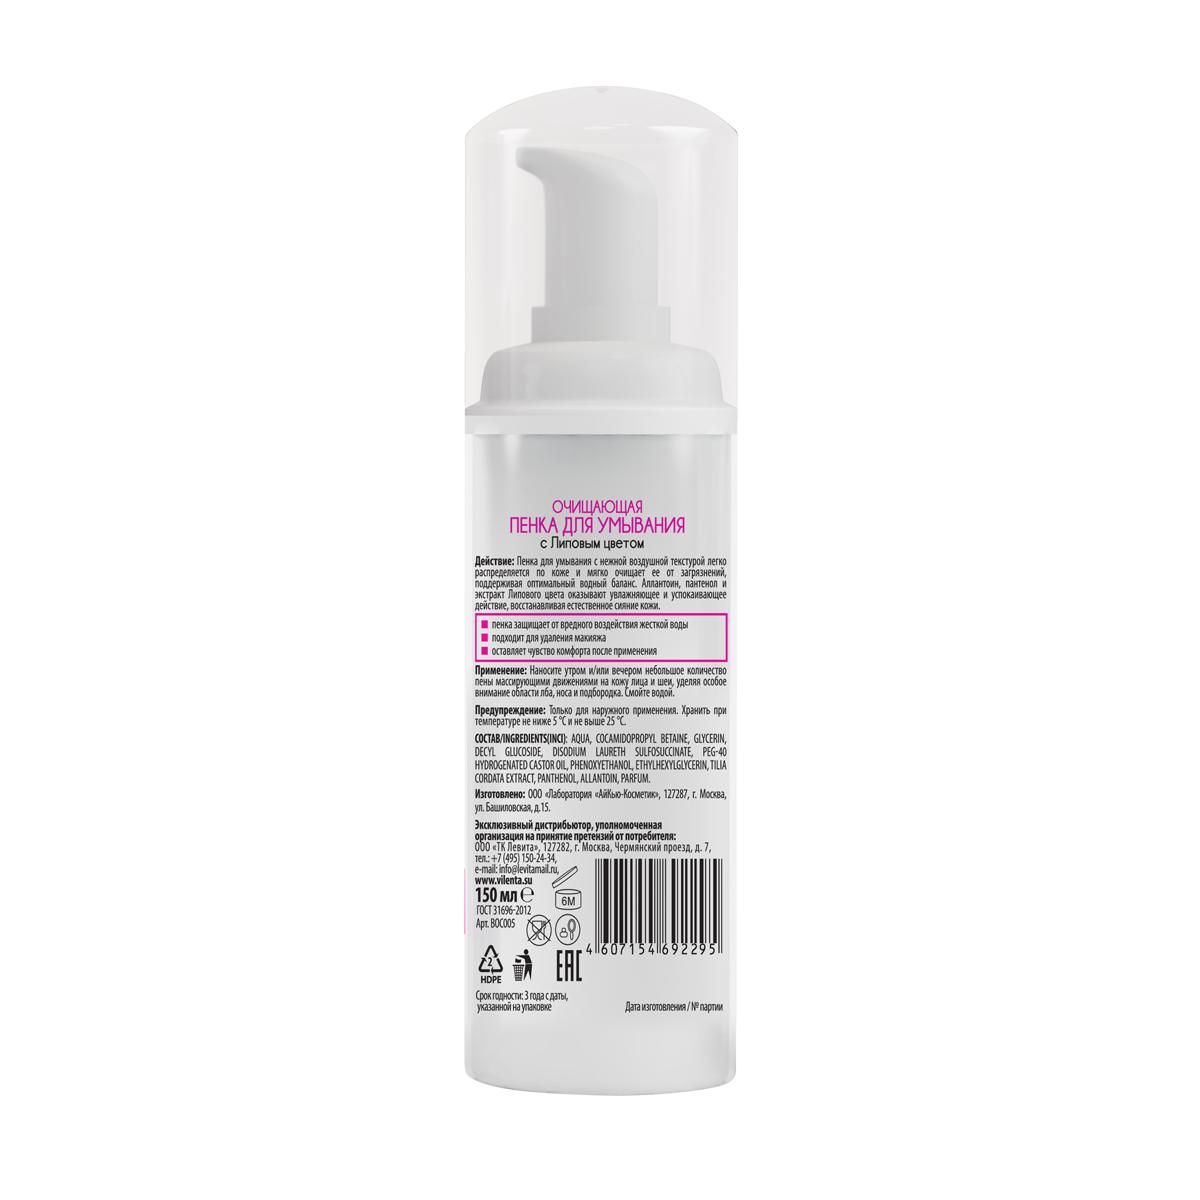 Vilenta Пенка для умывания для чувствительной кожи Bloom, 150 мл